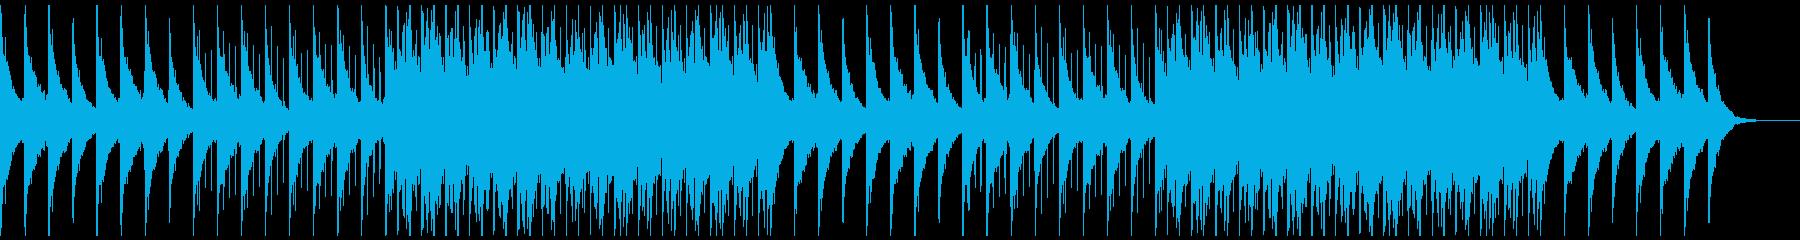 ピアノ・ストリングス・企業VP 1の再生済みの波形